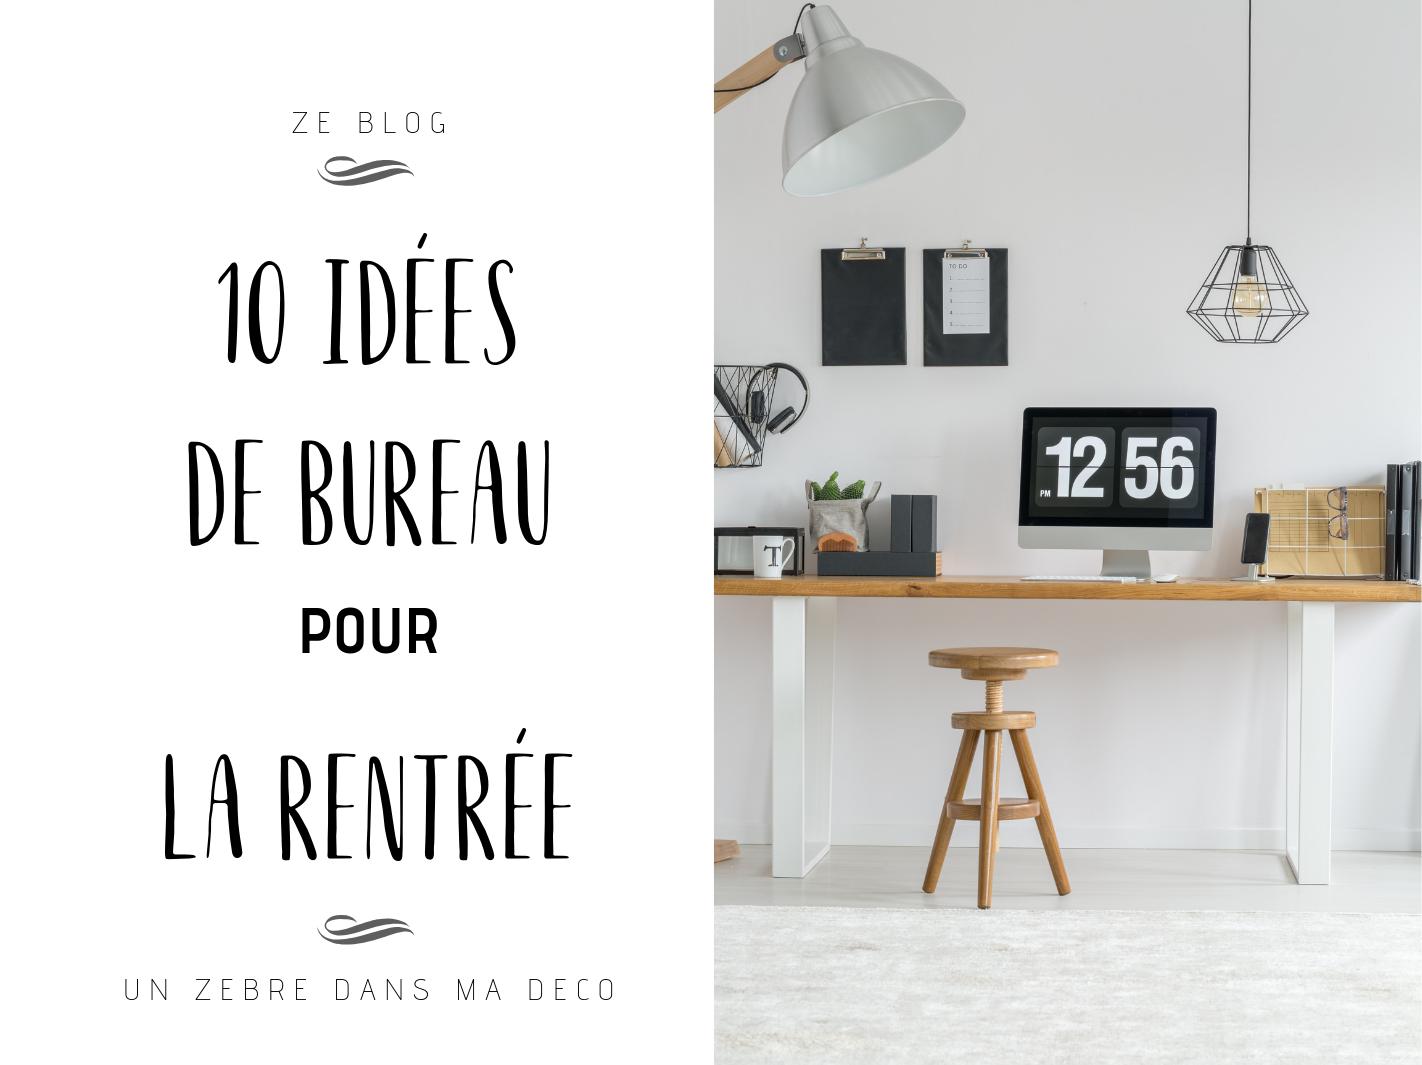 10 idées de bureau pour la rentrée